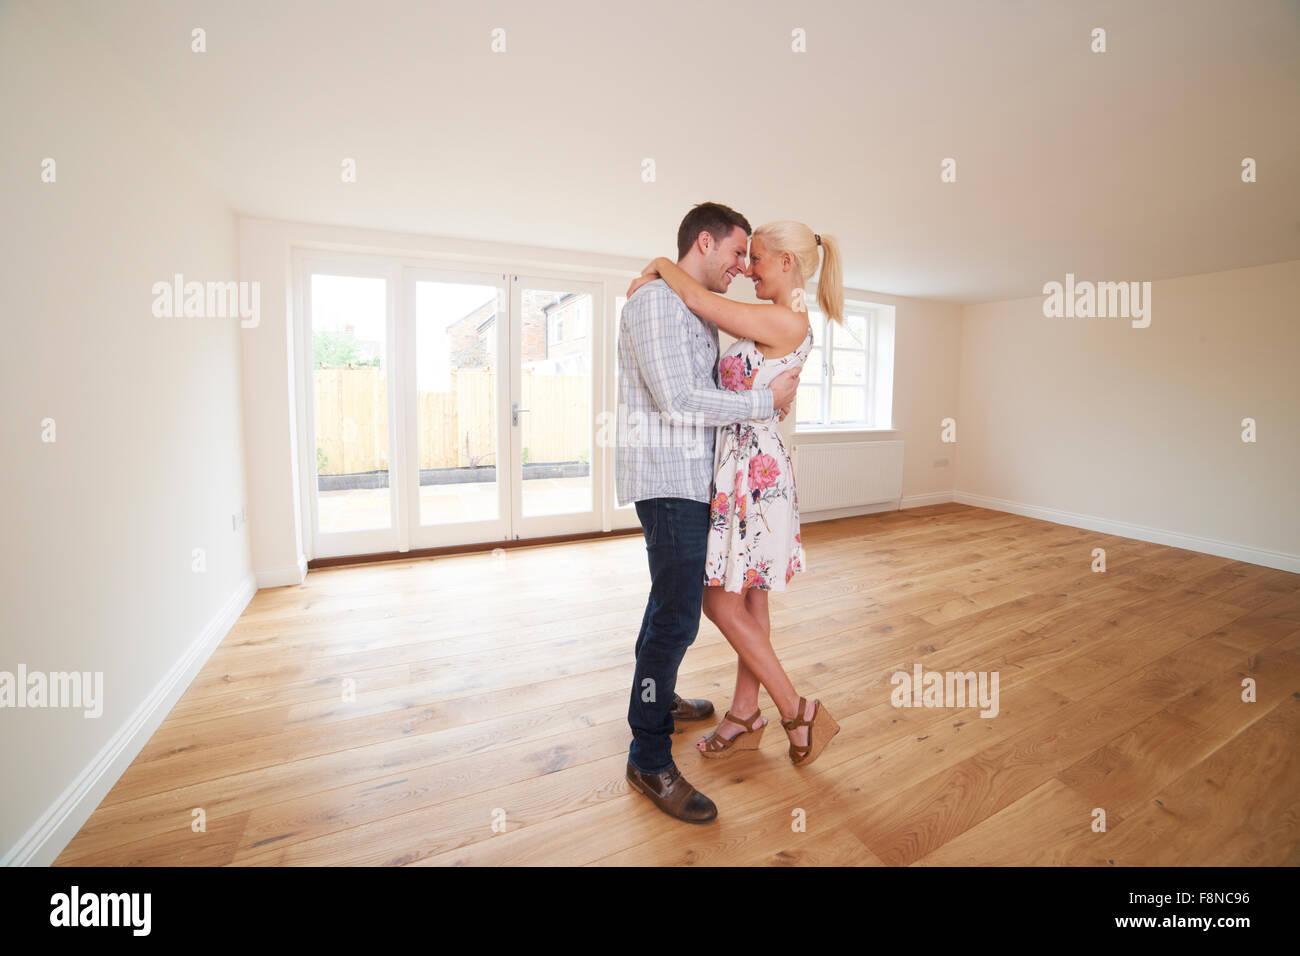 Emocionada Pareja joven en una habitación vacía de su primera casa Imagen De Stock